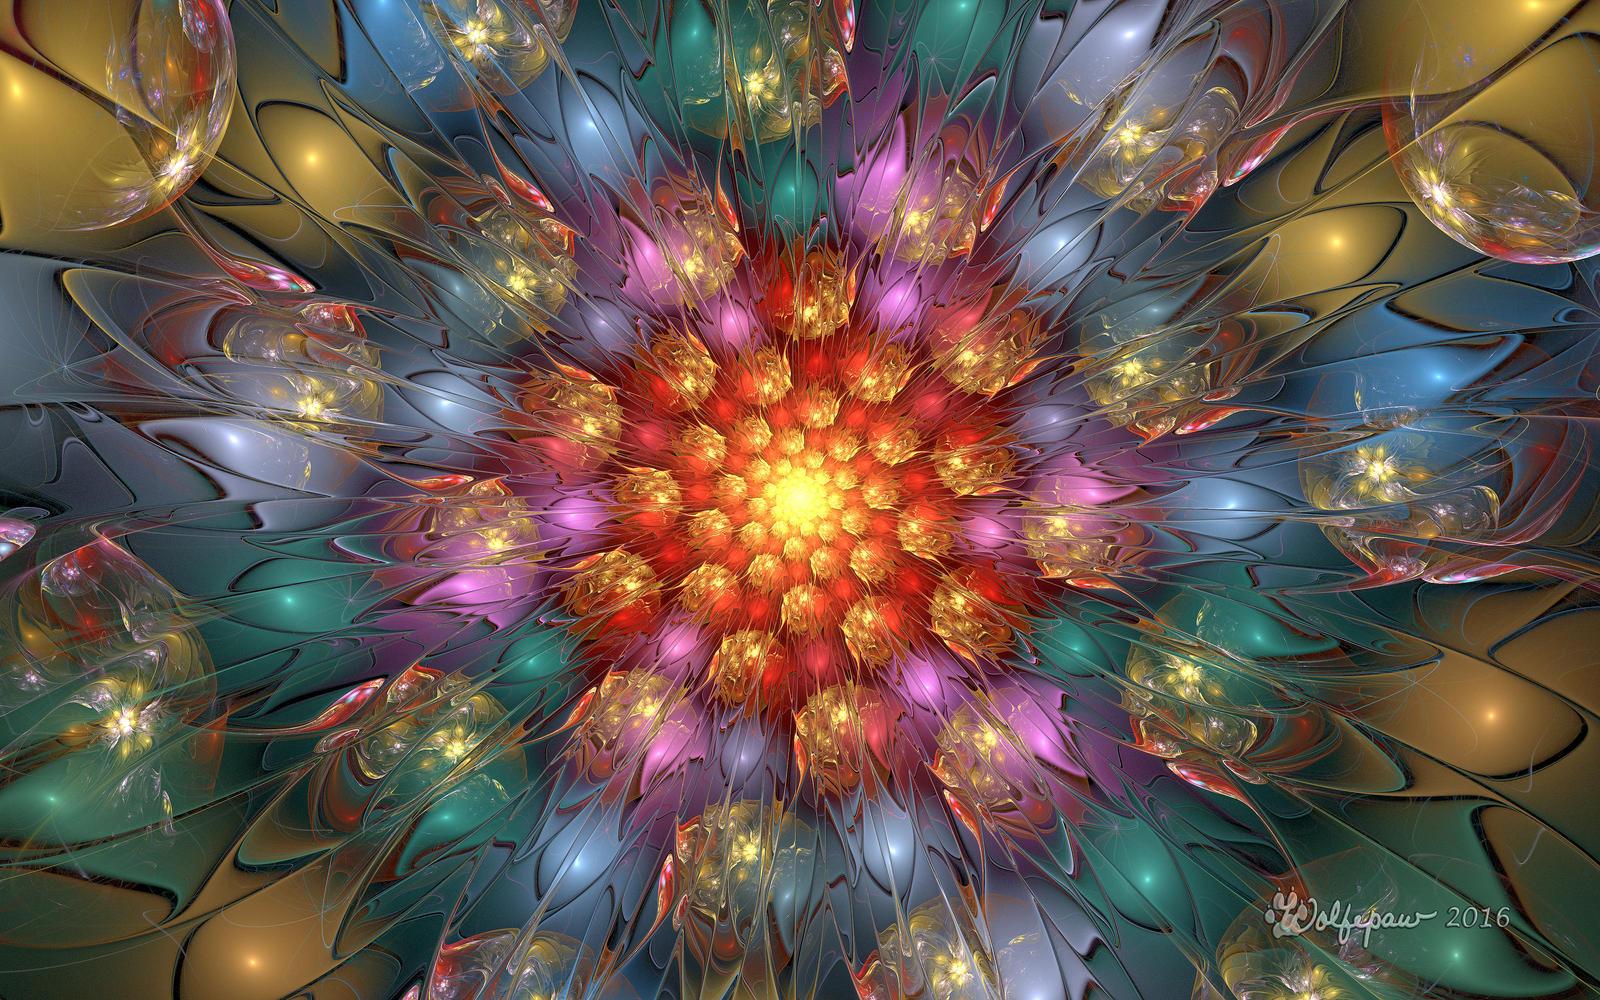 Fiery Flower Spiral by wolfepaw